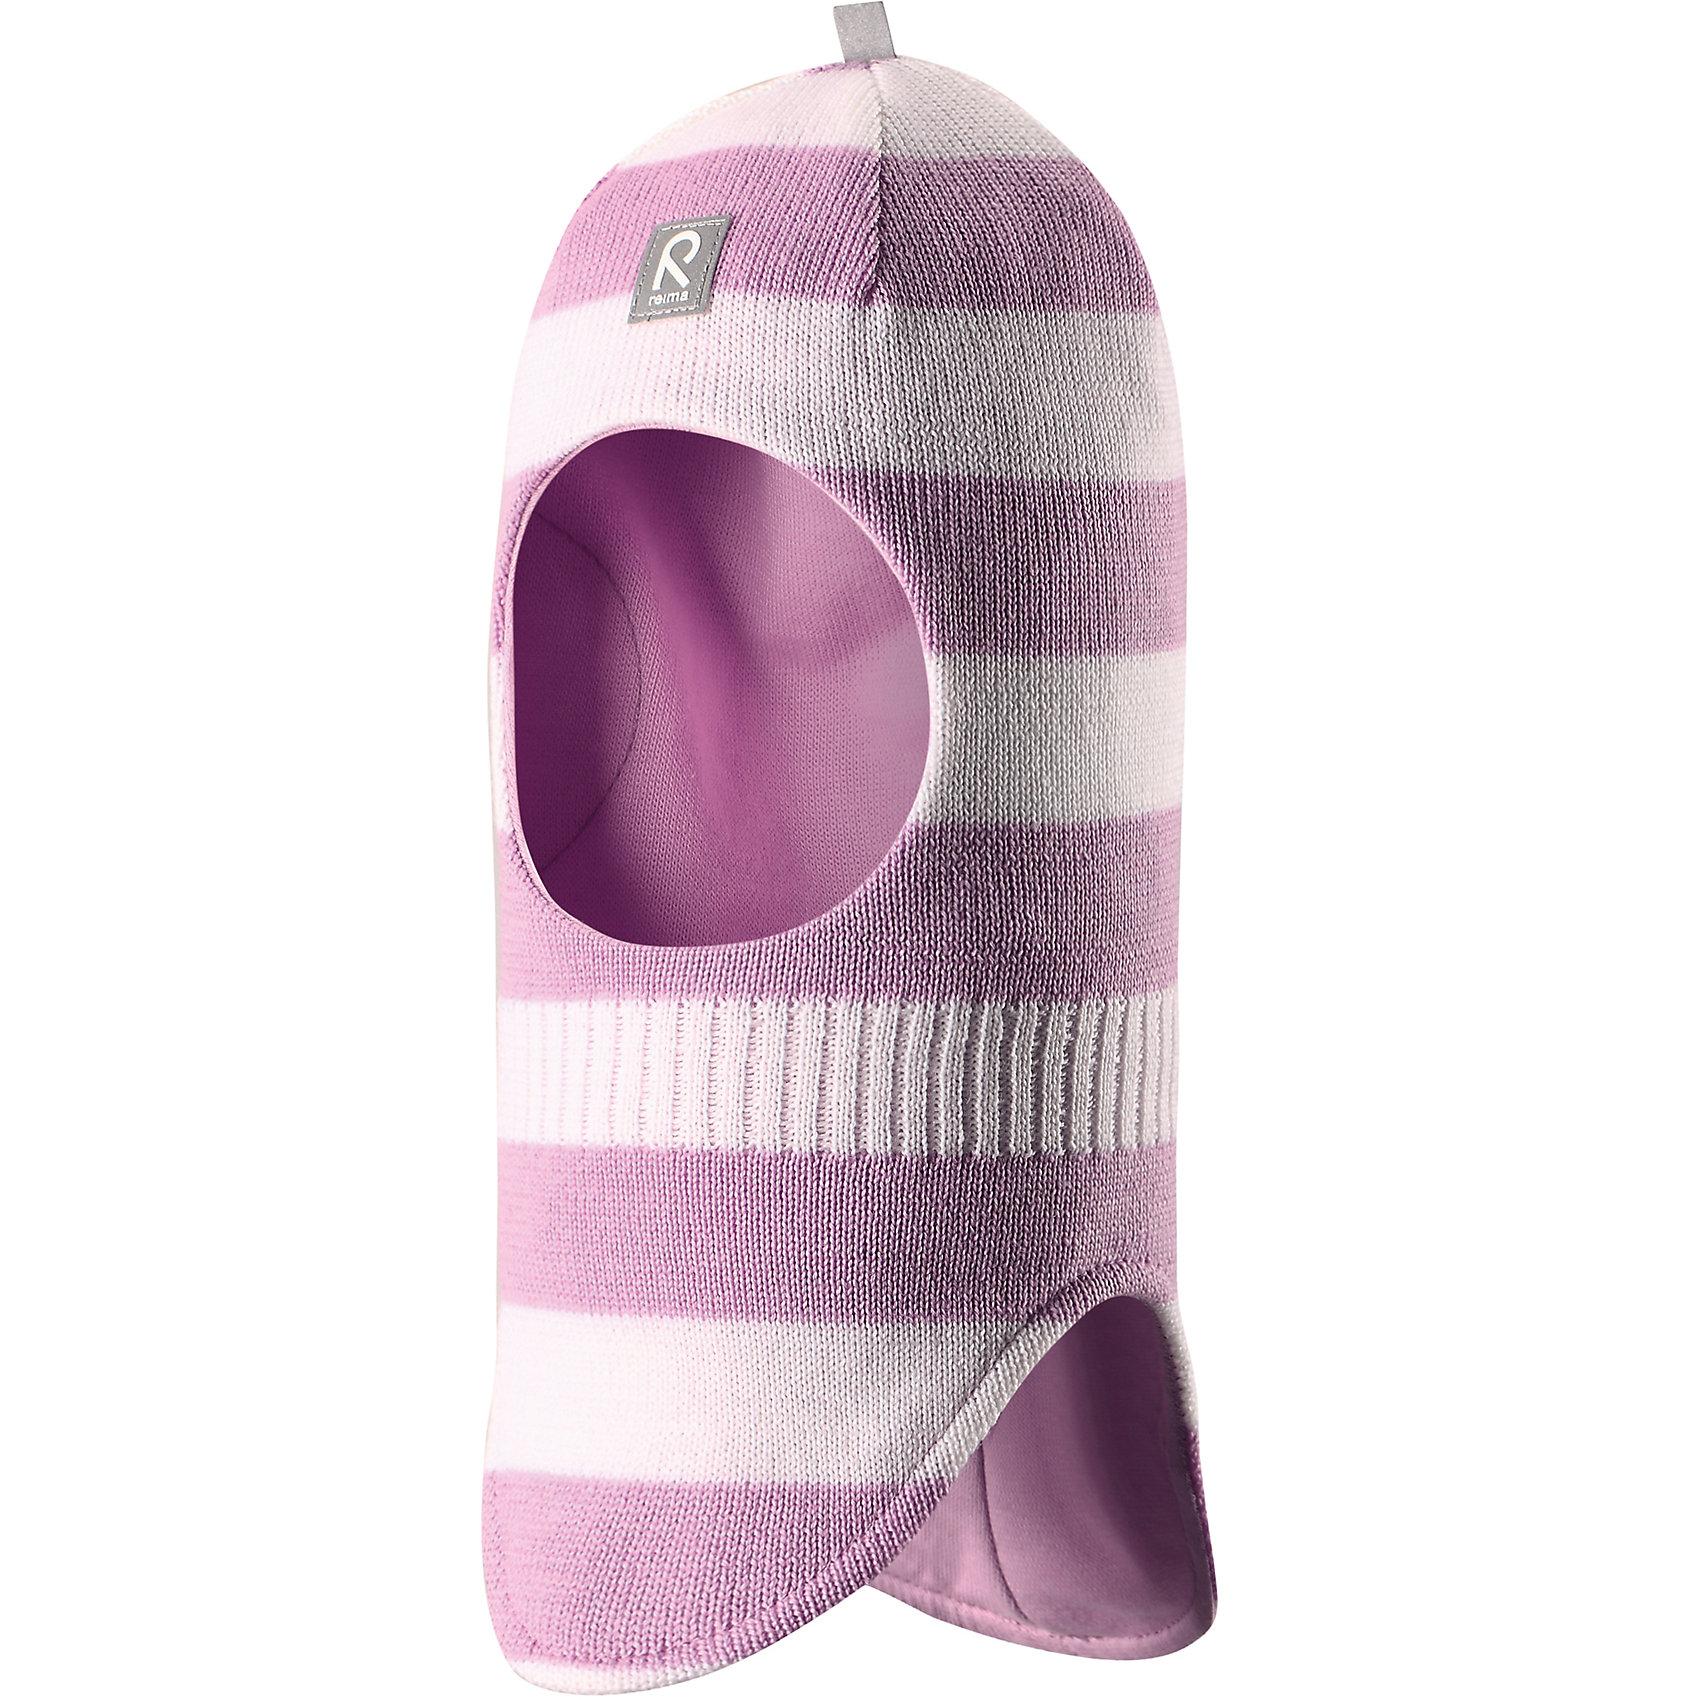 Шапка-шлем Starrie для девчоки ReimaШапки и шарфы<br>Шапка  Reima<br>Шапка-шлем для малышей. Мягкая ткань из мериносовой шерсти для поддержания идеальной температуры тела. Теплая шерстяная вязка (волокно). Товар сертифицирован Oeko-Tex, класс 1, одежда для малышей. Ветронепроницаемые вставки в области ушей. Мягкая подкладка из хлопка и эластана. Светоотражающий элемент спереди.<br>Уход:<br>Стирать по отдельности, вывернув наизнанку. Придать первоначальную форму вo влажном виде. Возможна усадка 5 %.<br>Состав:<br>100% Шерсть<br><br>Ширина мм: 89<br>Глубина мм: 117<br>Высота мм: 44<br>Вес г: 155<br>Цвет: розово-белый<br>Возраст от месяцев: 48<br>Возраст до месяцев: 84<br>Пол: Женский<br>Возраст: Детский<br>Размер: 54,46,48,50,52<br>SKU: 4779550